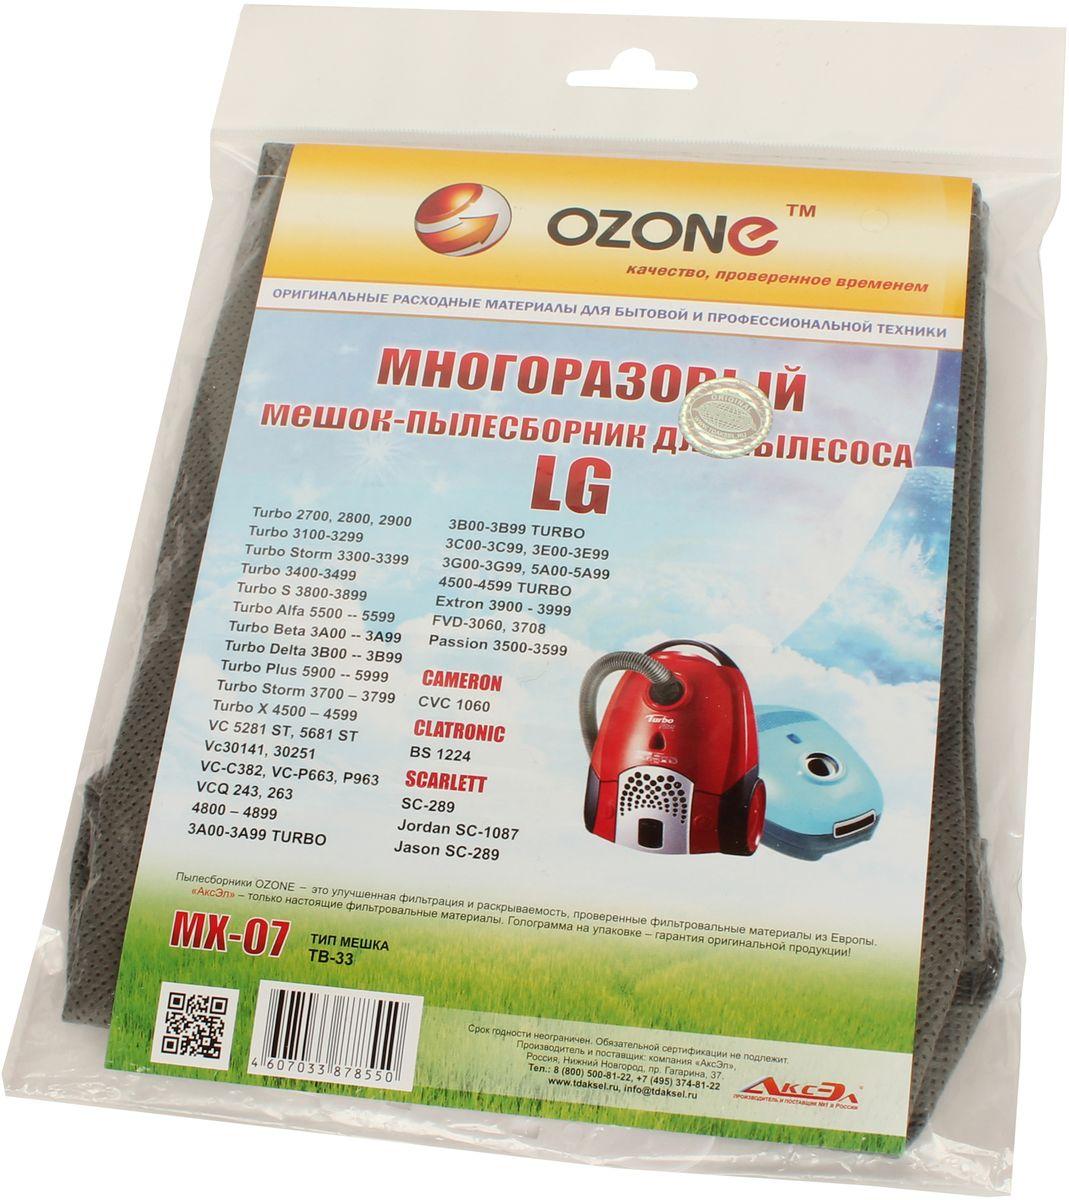 Ozone MX-07 пылесборник для пылесосов LGMX-07Многоразовый синтетический пылесборник Ozone microne multiplex MX-07 предназначен для бытового использования. Пылесборник Ozone соответствуют высоким стандартам качества. Благодаря использованию специального четырехслойного синтетического материала, пылесборник Ozone microne multiplex MX-07 обладает высочайшей степенью фильтрации и повышенной прочностью. Серия MICRON задерживает мельчайшие частицы пыли и пыльцы. Ozone microne multiplex MX-07 выдерживает нагрузку до 30кг., а так же выполняется 100% заполняемость мешка.